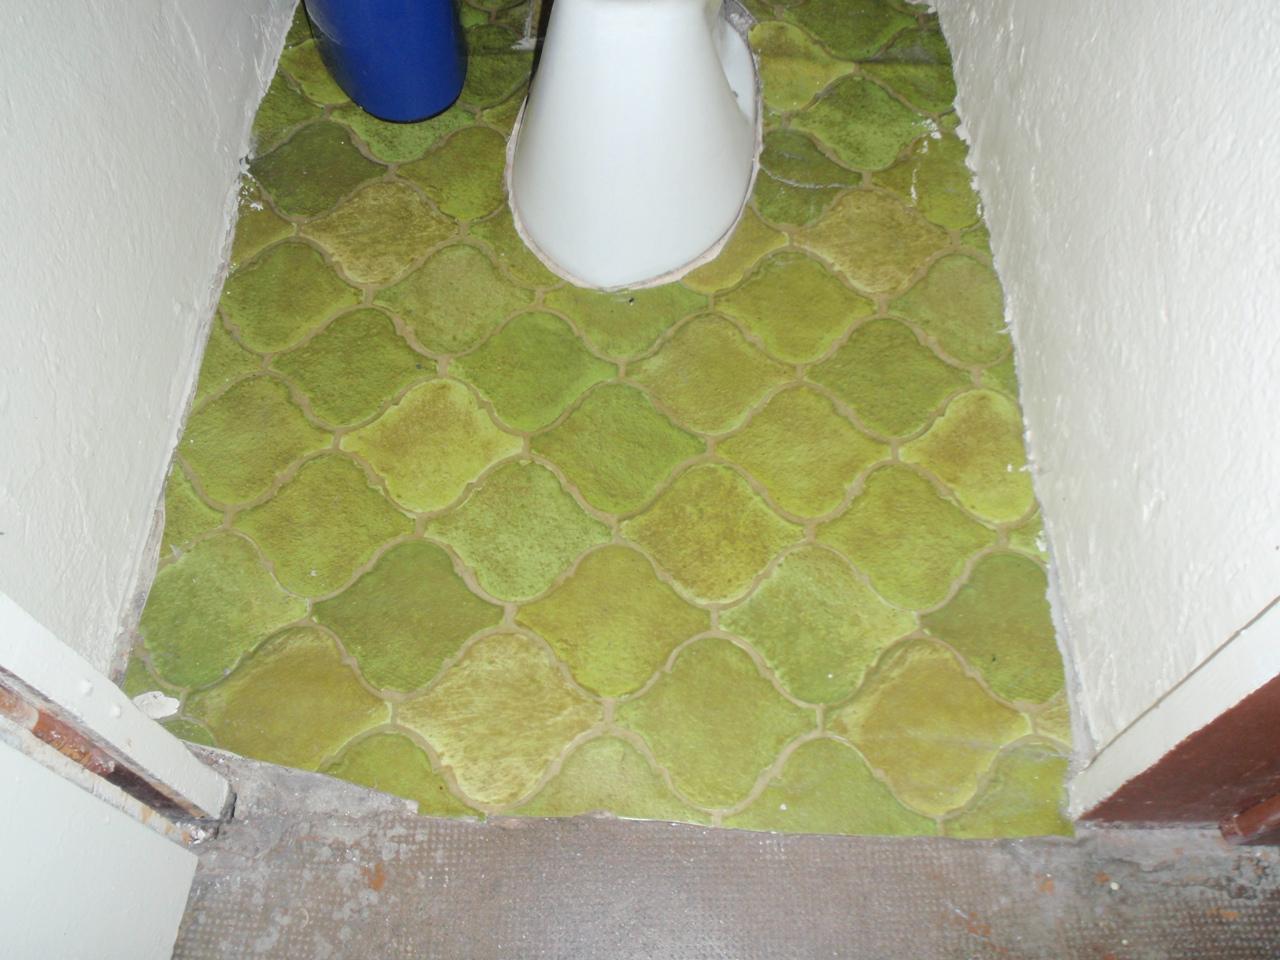 Extrem Mehrschichtige Boden- und Wandbeläge / Cushion-Vinyl | PolluDoc.ch HJ97